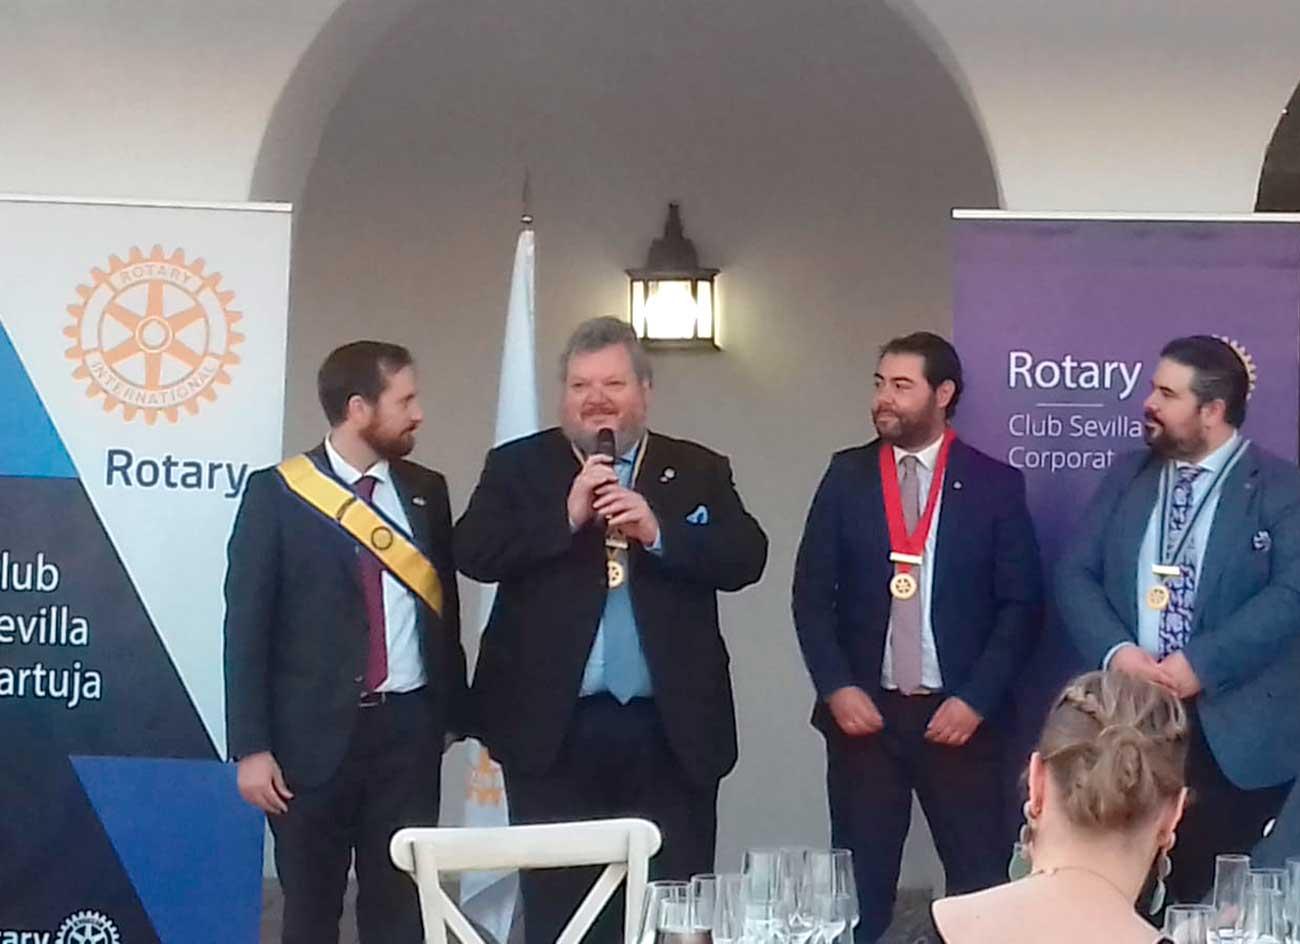 Cambio presidentes rotary club sevilla 2021-22